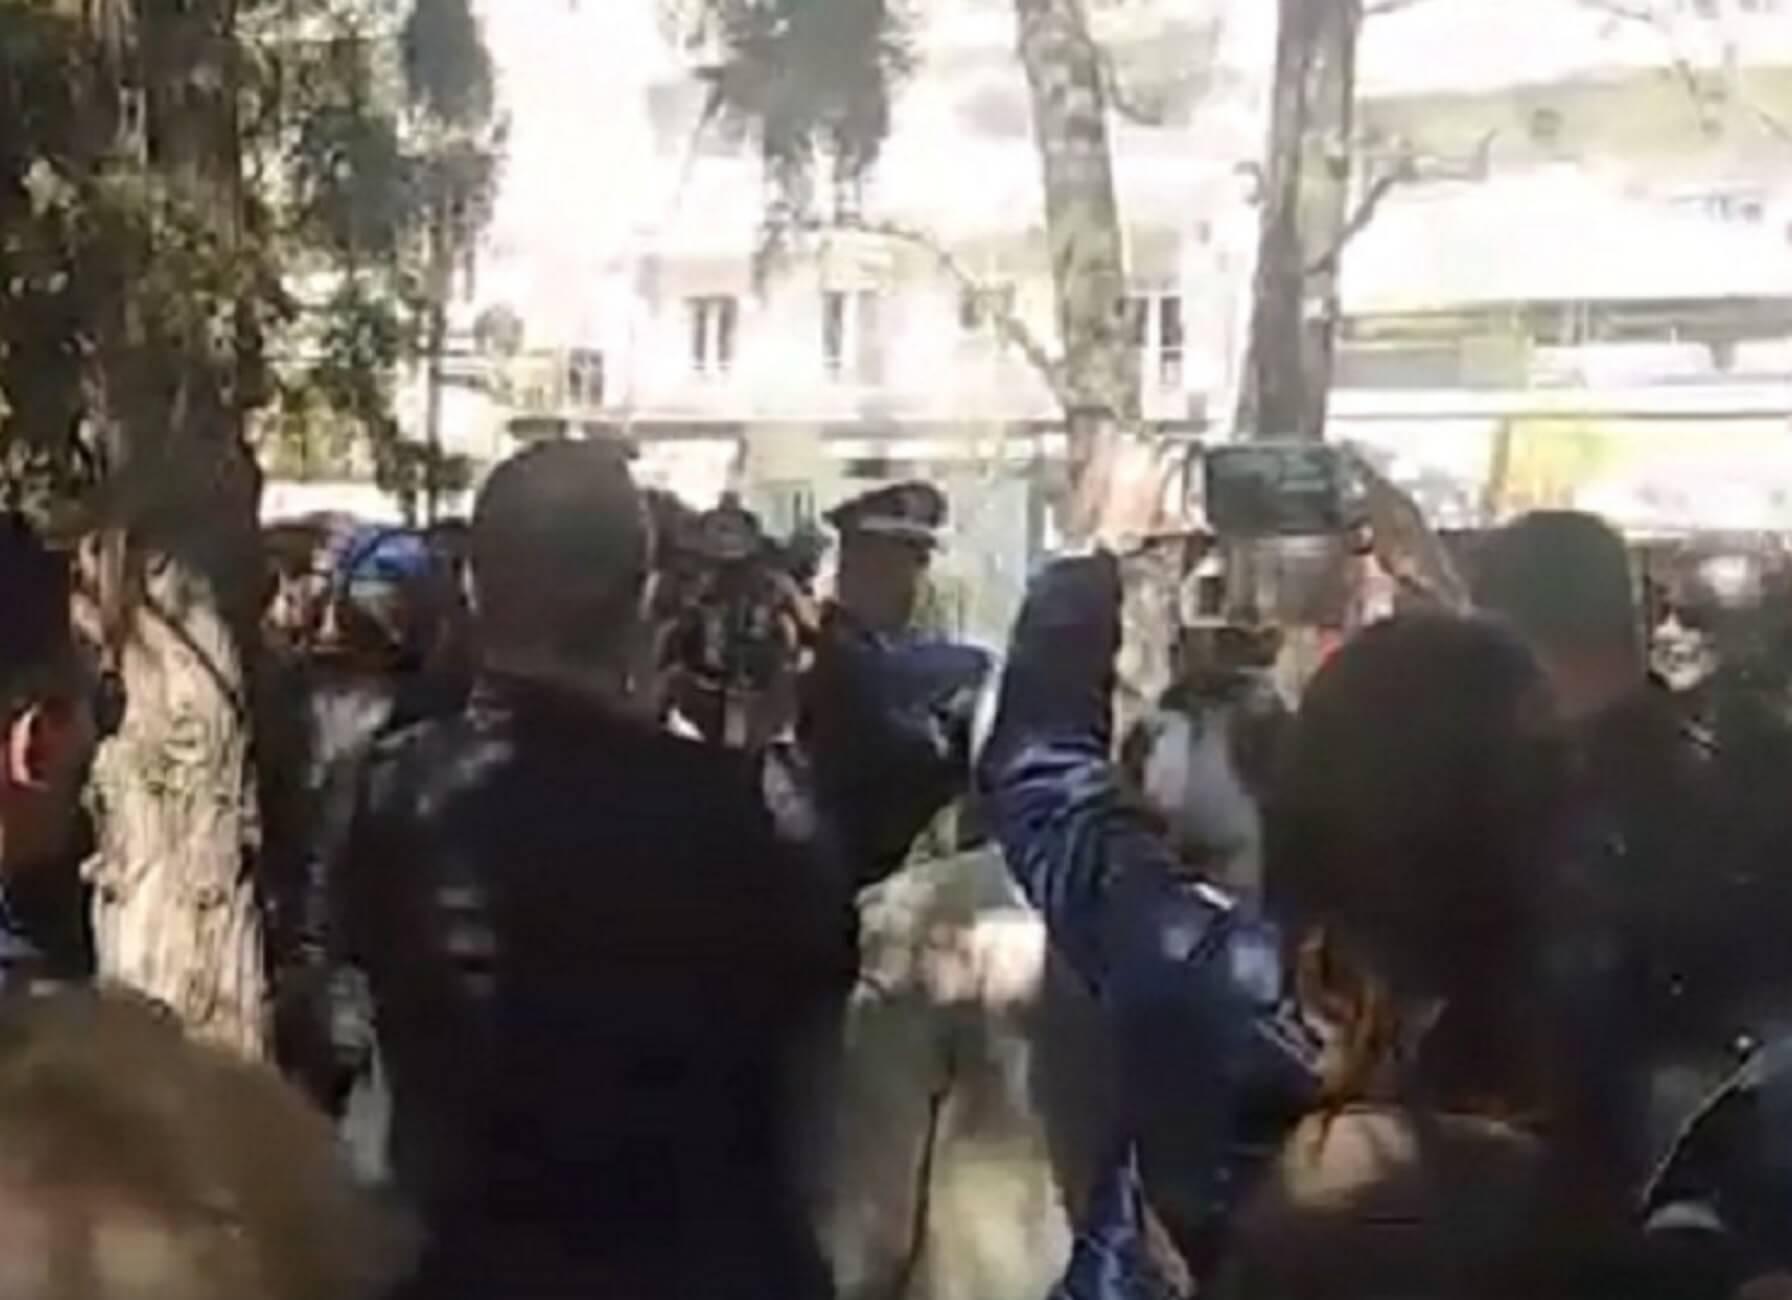 """25 Μαρτίου – Σέρρες: """"Να πάτε να πληρωθείτε από τον Ζάεφ"""" – Οι στιγμές έντασης στην κατάθεση στεφάνων – video"""